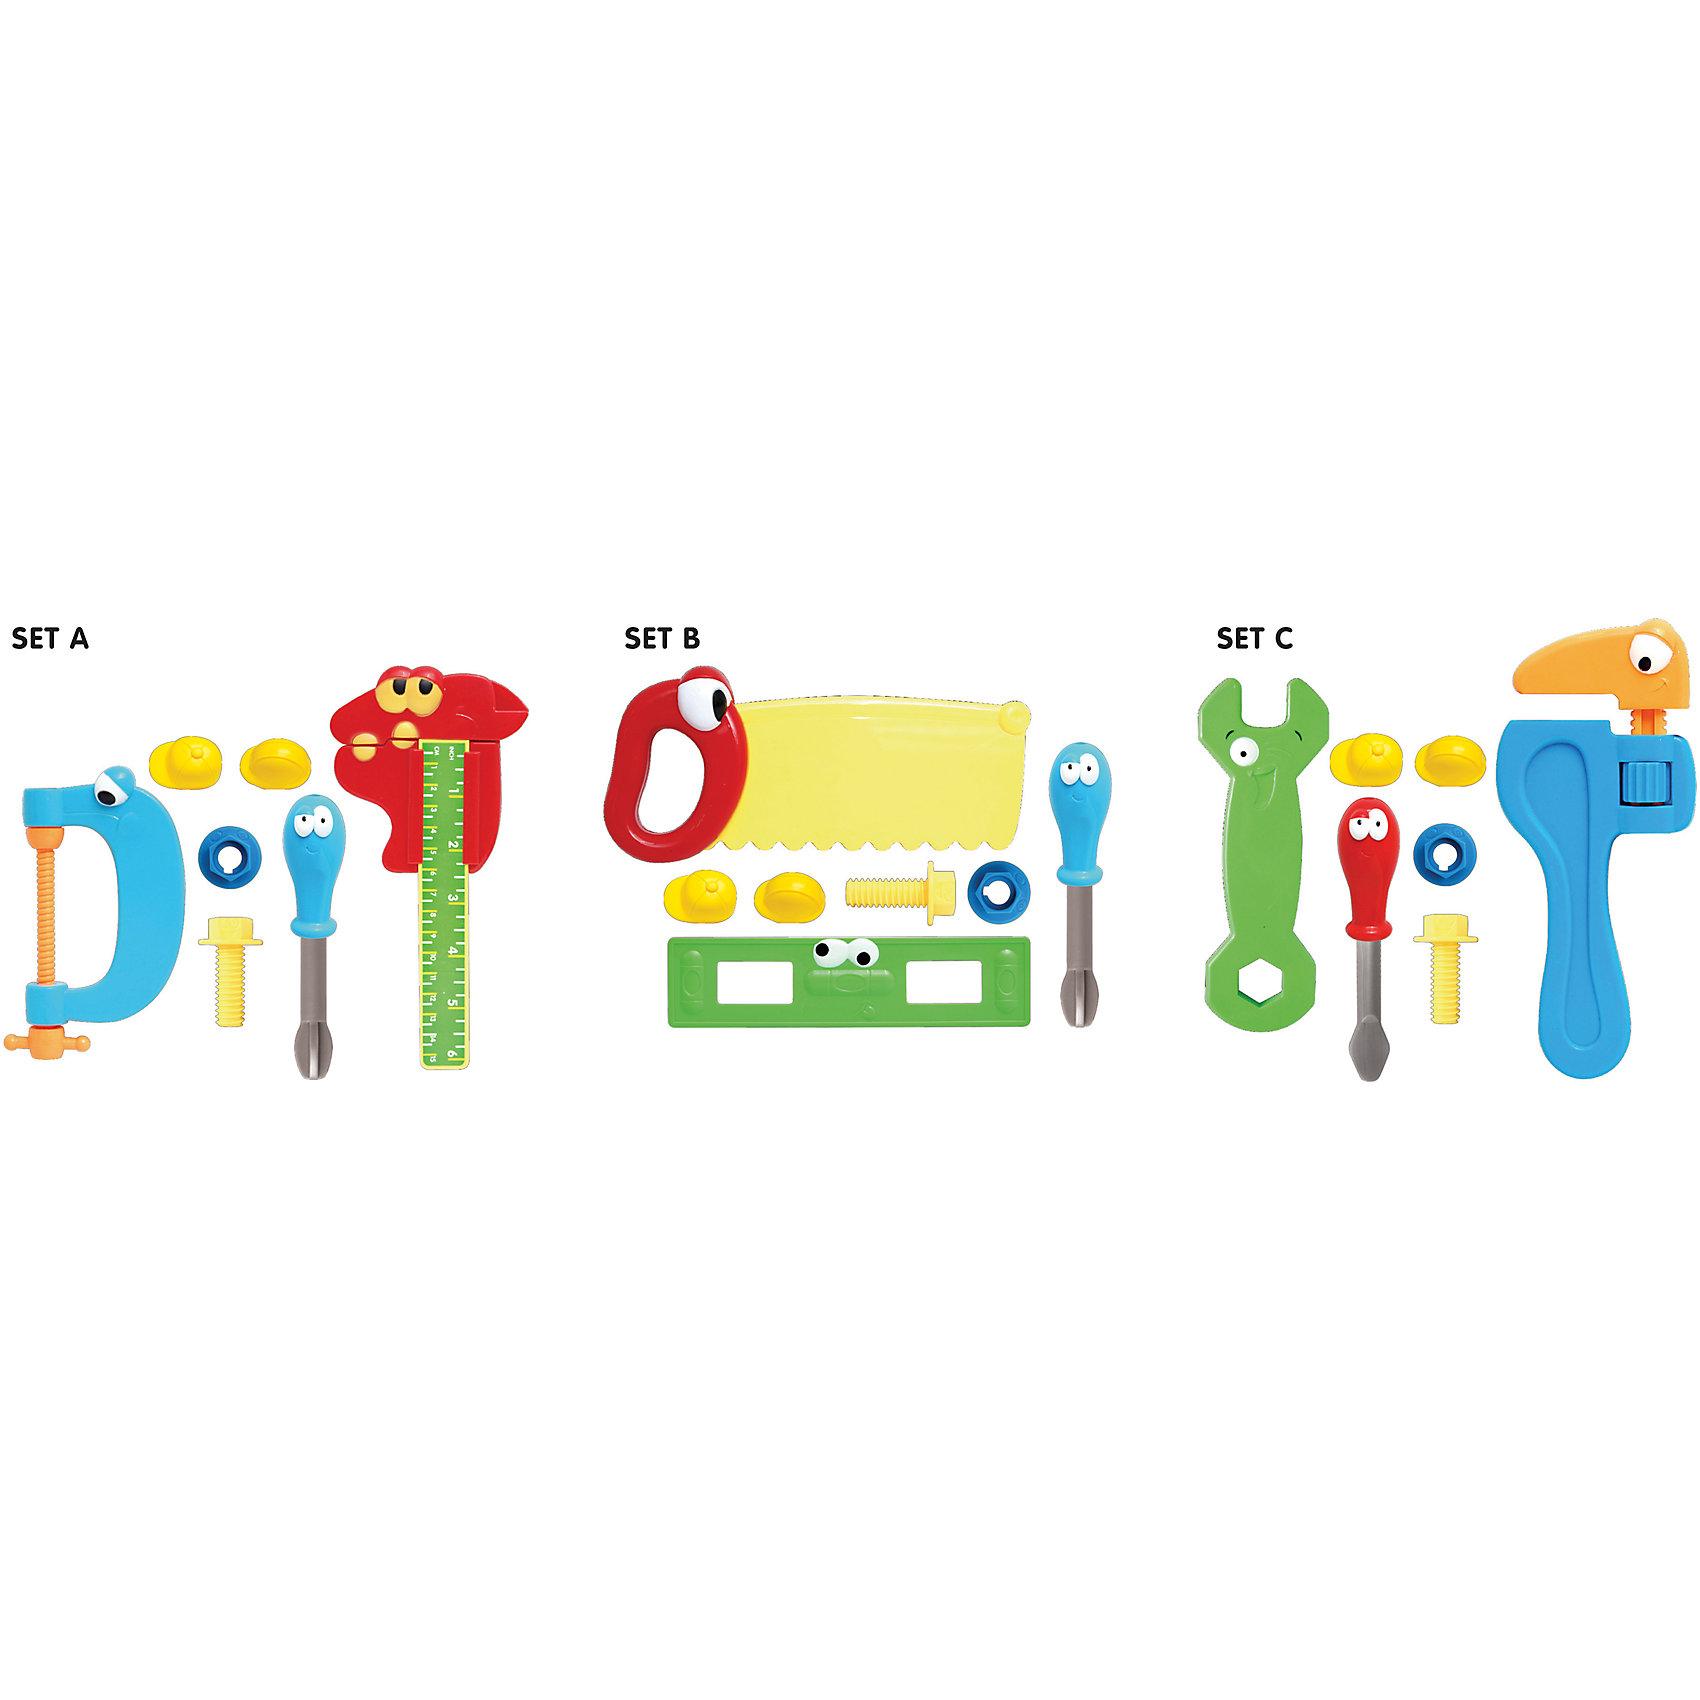 Игровой набор инструментов, 7 шт., BoleyСюжетно-ролевые игры<br>Характеристики товара:<br><br>• размер: 32х5х21 см<br>• материал: пластик<br>• комплектация: 7 шт<br>• страна бренда: США<br>• страна производства: Китай<br><br>Игровой набор из безопасных инструментов, которые похожи на настоящие, - отличный подарок для ребенка! Мальчики стараются копировать поведение взрослых - это помогает им многому научиться. Чтобы ребенок мог безопасно и весело играть - вручите ему такие инструменты. Они легкие и яркие!<br>Такая игра помогает ребенку развиваться физически, нарабатывать новые навыки и способности - ловкость, быструю реакцию, моторику, а также активизирует процессы мышления. Изделие производится из качественных сертифицированных материалов, безопасных даже для самых маленьких.<br><br>Игровой набор инструментов, 7 шт., от бренда Boley можно купить в нашем интернет-магазине.<br><br>Ширина мм: 330<br>Глубина мм: 220<br>Высота мм: 50<br>Вес г: 325<br>Возраст от месяцев: 36<br>Возраст до месяцев: 2147483647<br>Пол: Мужской<br>Возраст: Детский<br>SKU: 5224446